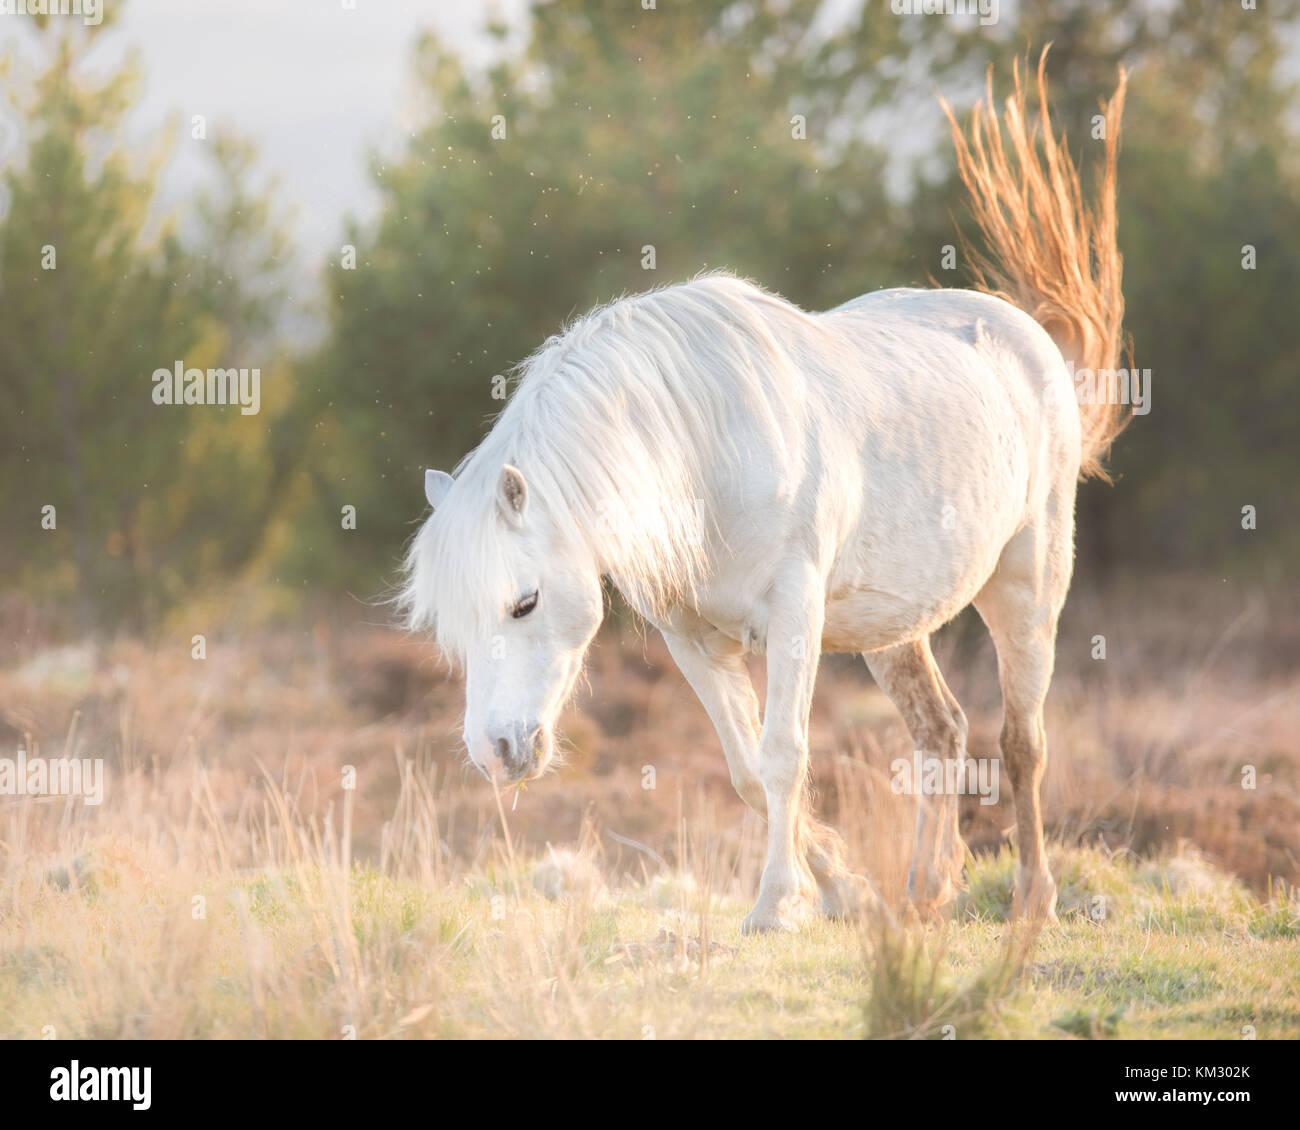 Caballo blanco - semental y atardecer paisaje andaluz Imagen De Stock